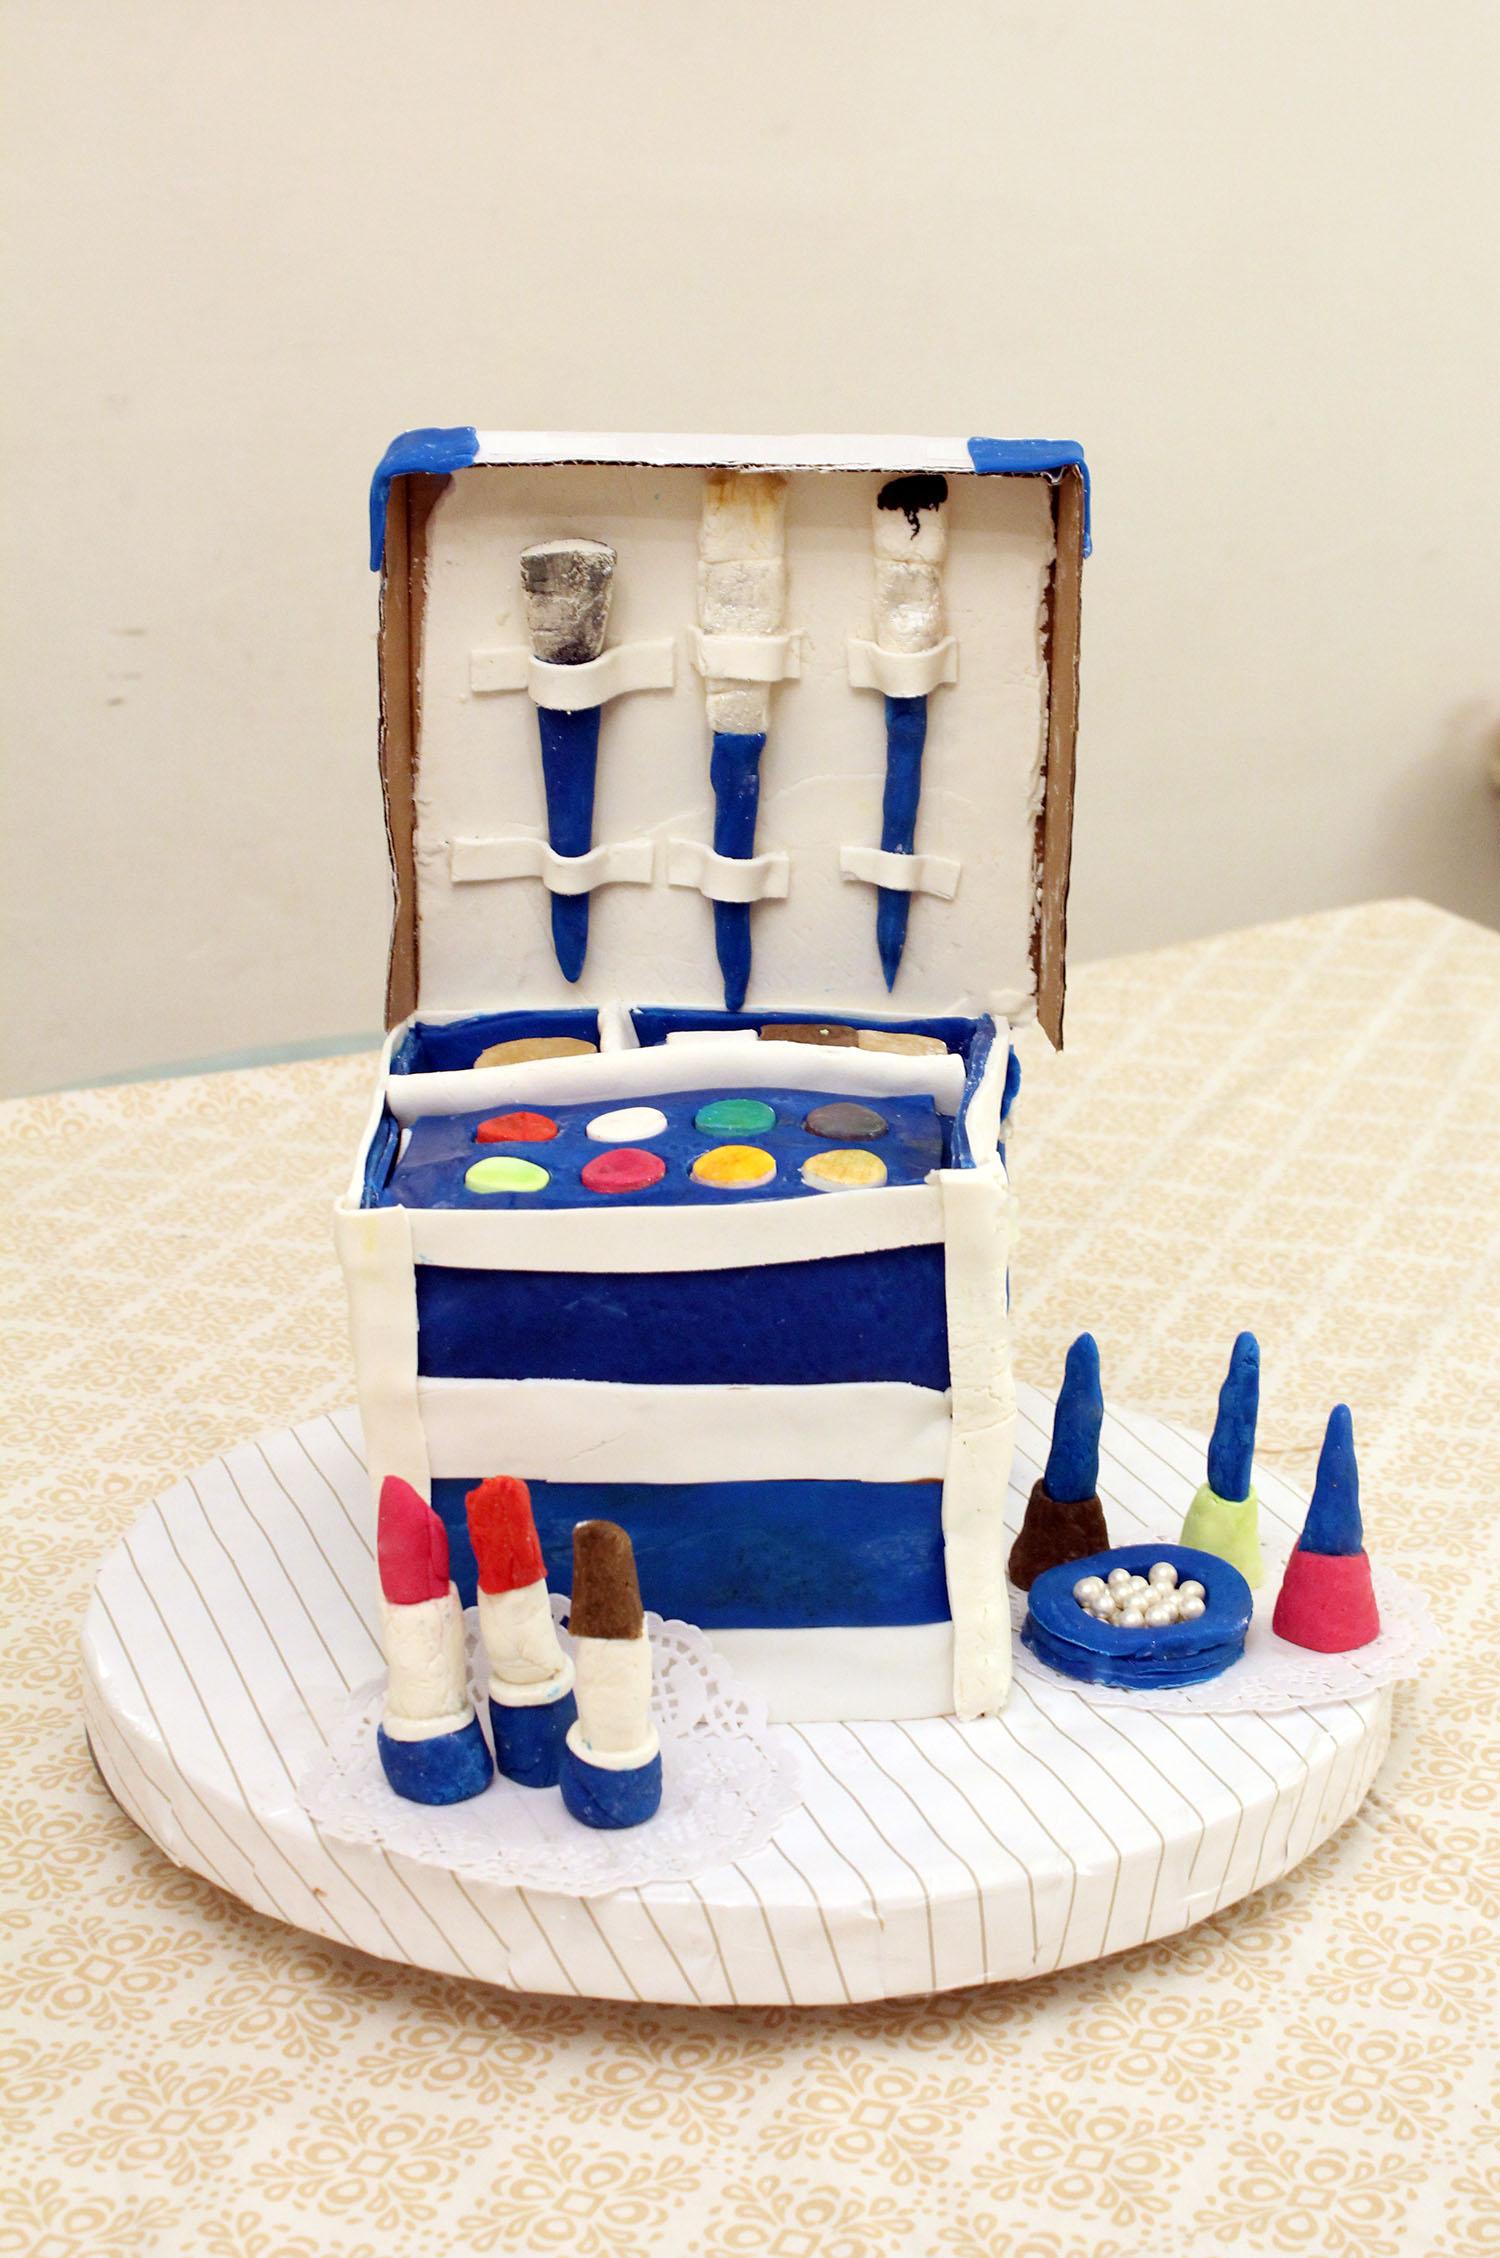 IMG 6411 - עוגה : סט איפור